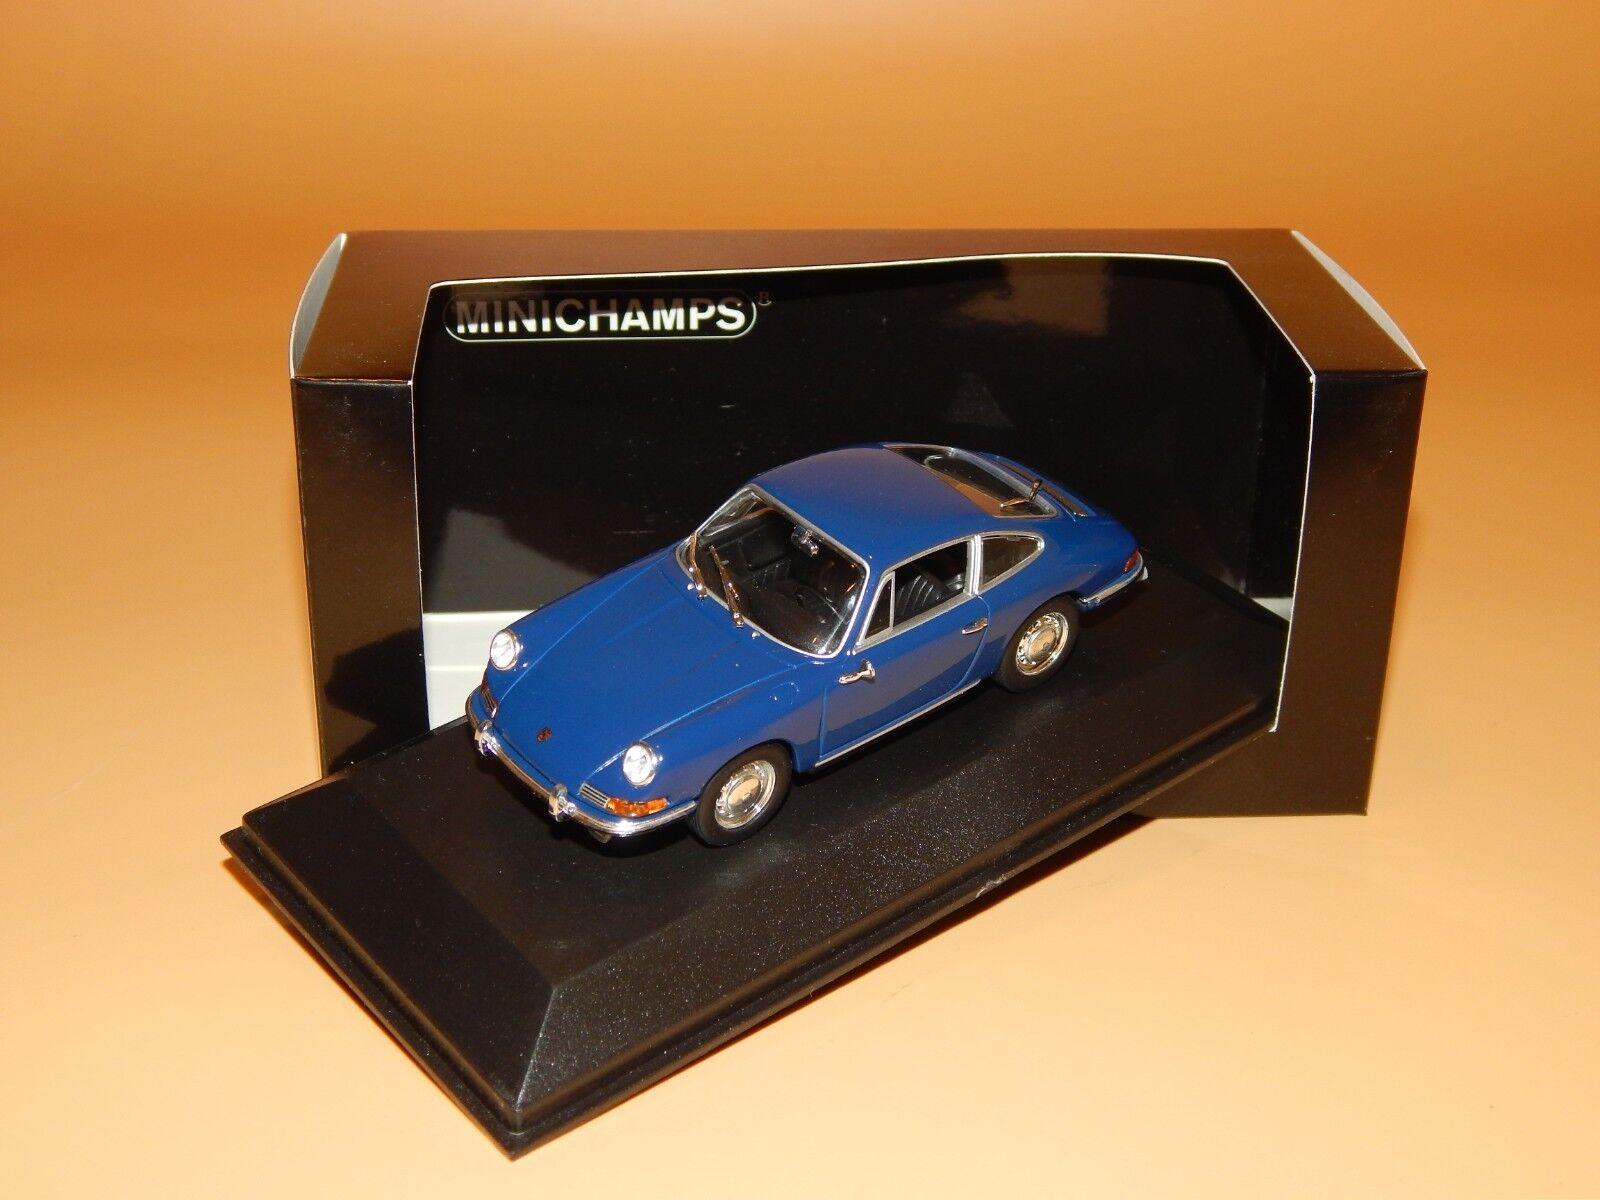 Porsche 911 T (901) 1968 in bleu de Set-Minichamps 1/43 Pma-Emballage de remplaceHommes t | Une Bonne Conservation De La Chaleur